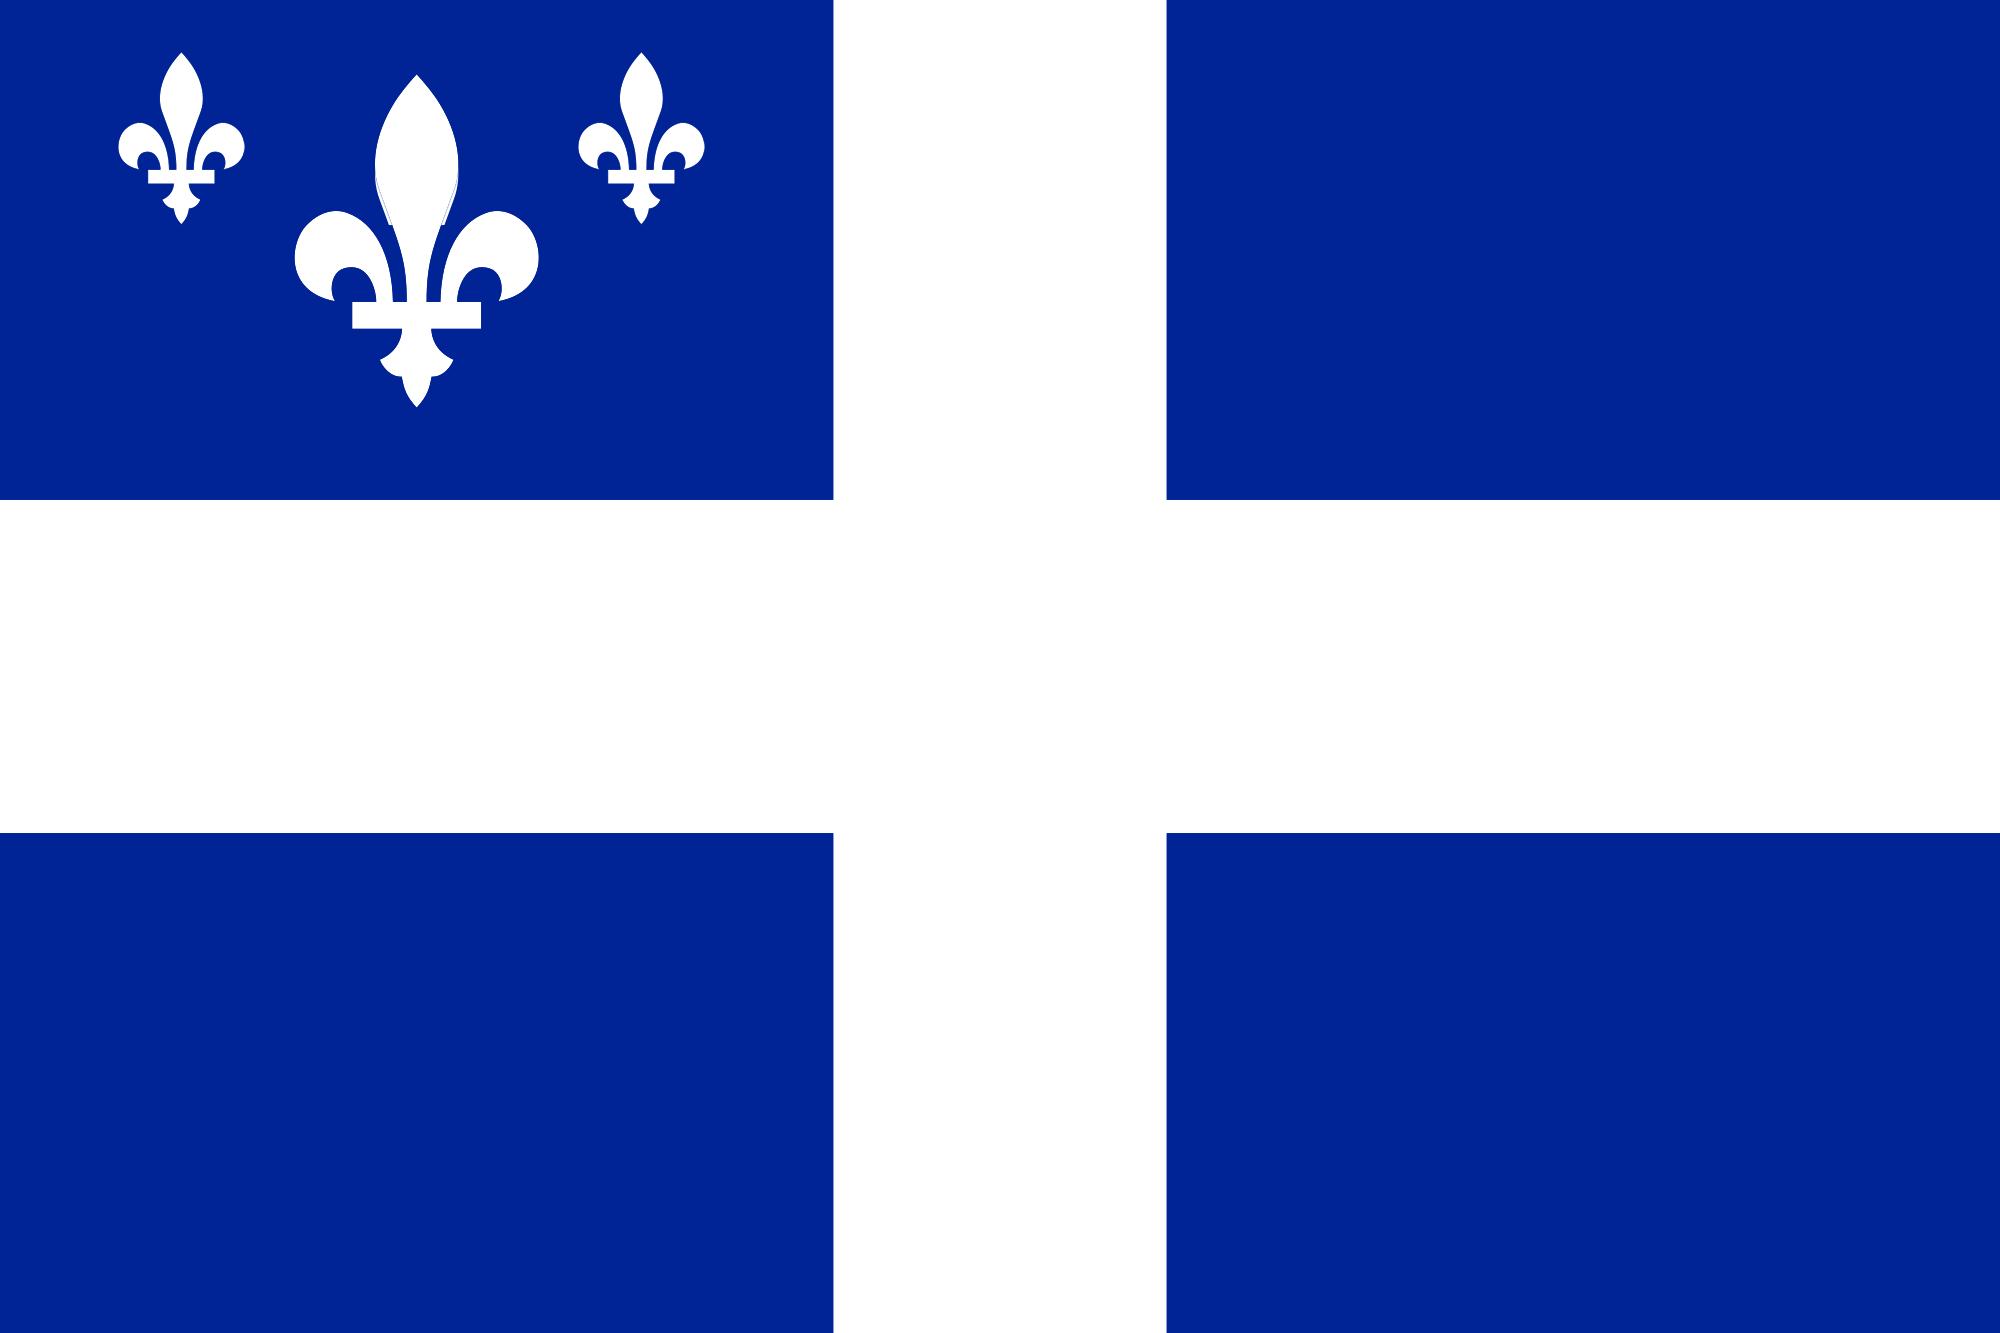 Quebec State Flag 2 by JJohnson1701 on DeviantArt